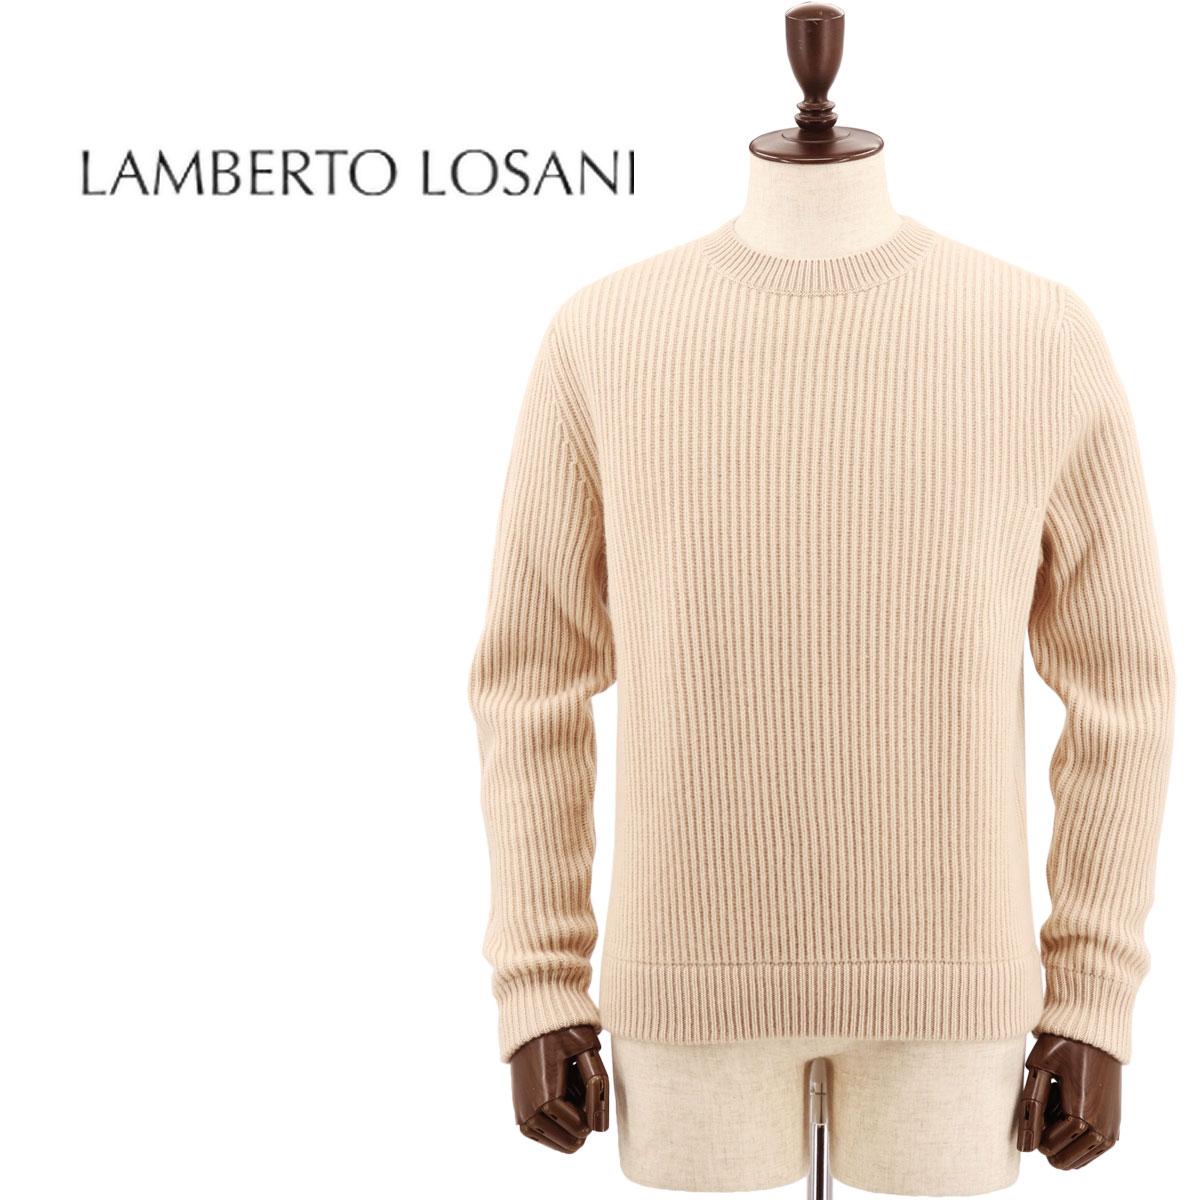 【クリアランスセール】ランベルト ロザーニ LAMBERTO LOSANI メンズ カシミヤ クルーネック ニットセーター H288096/323 (ライトベージュ)【返品交換不可】